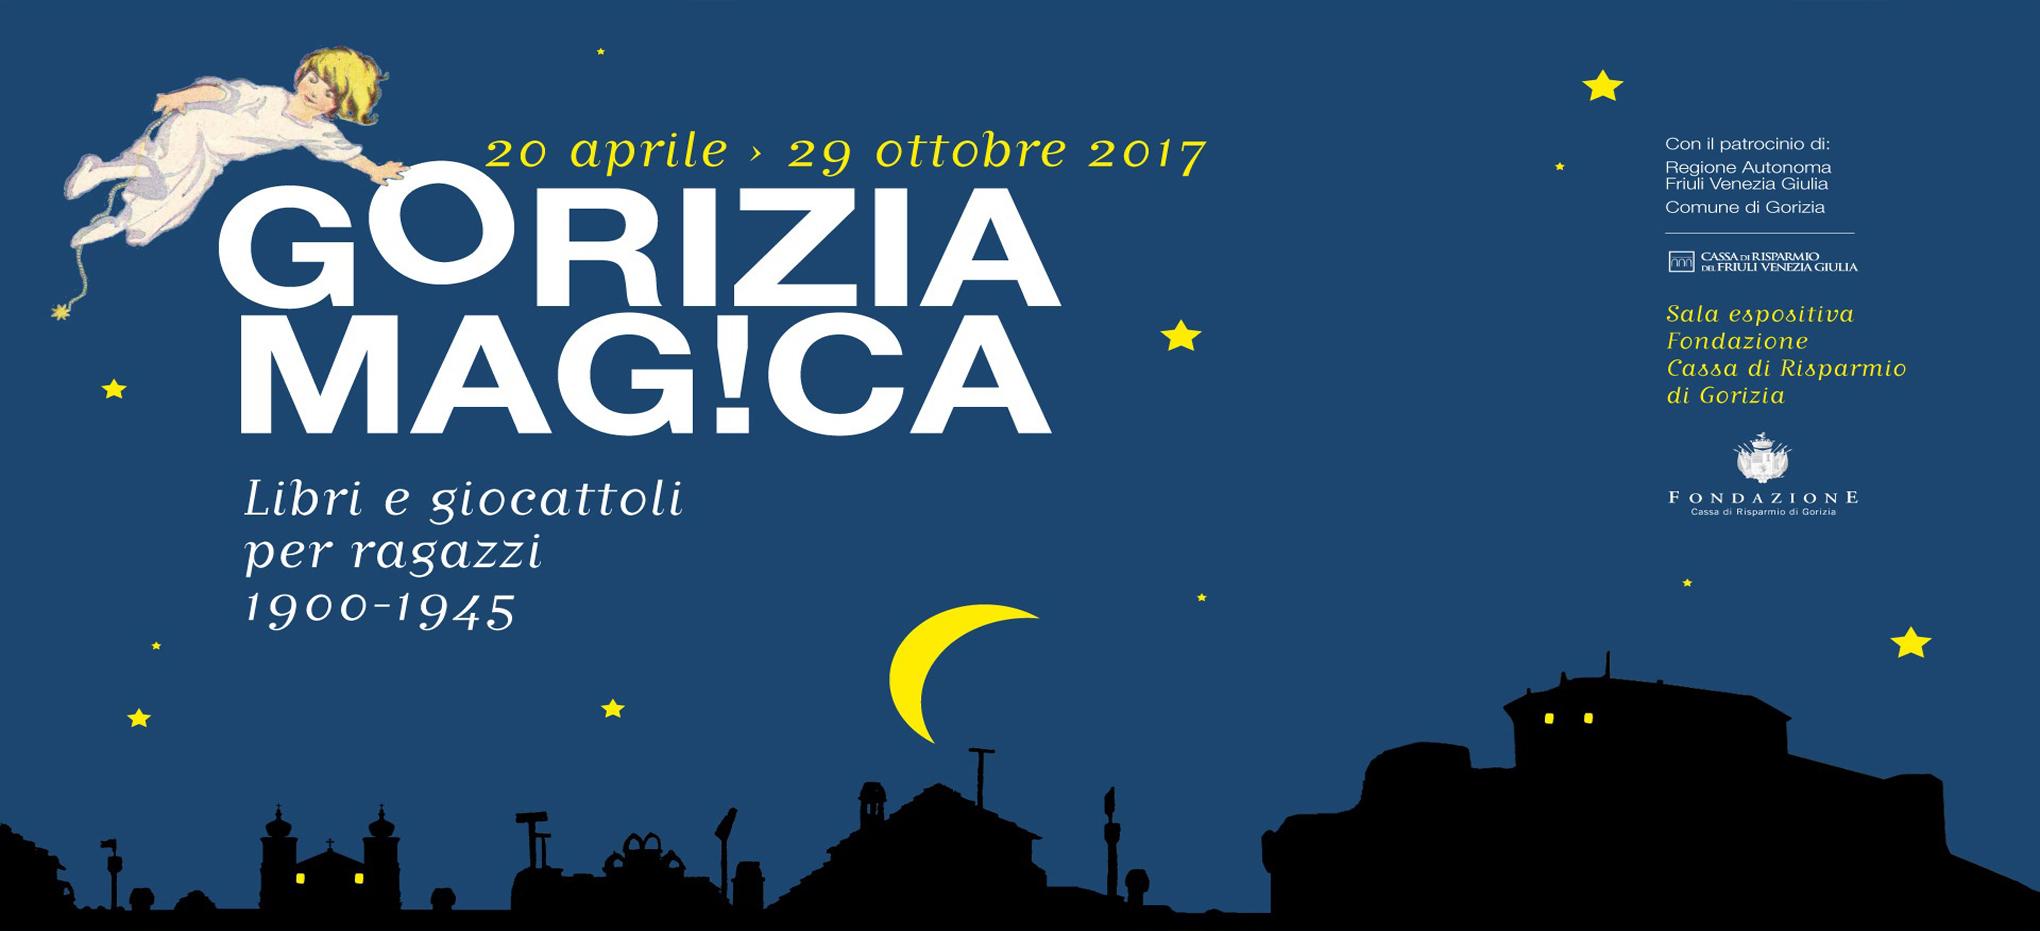 Gorizia magica 10 08 17